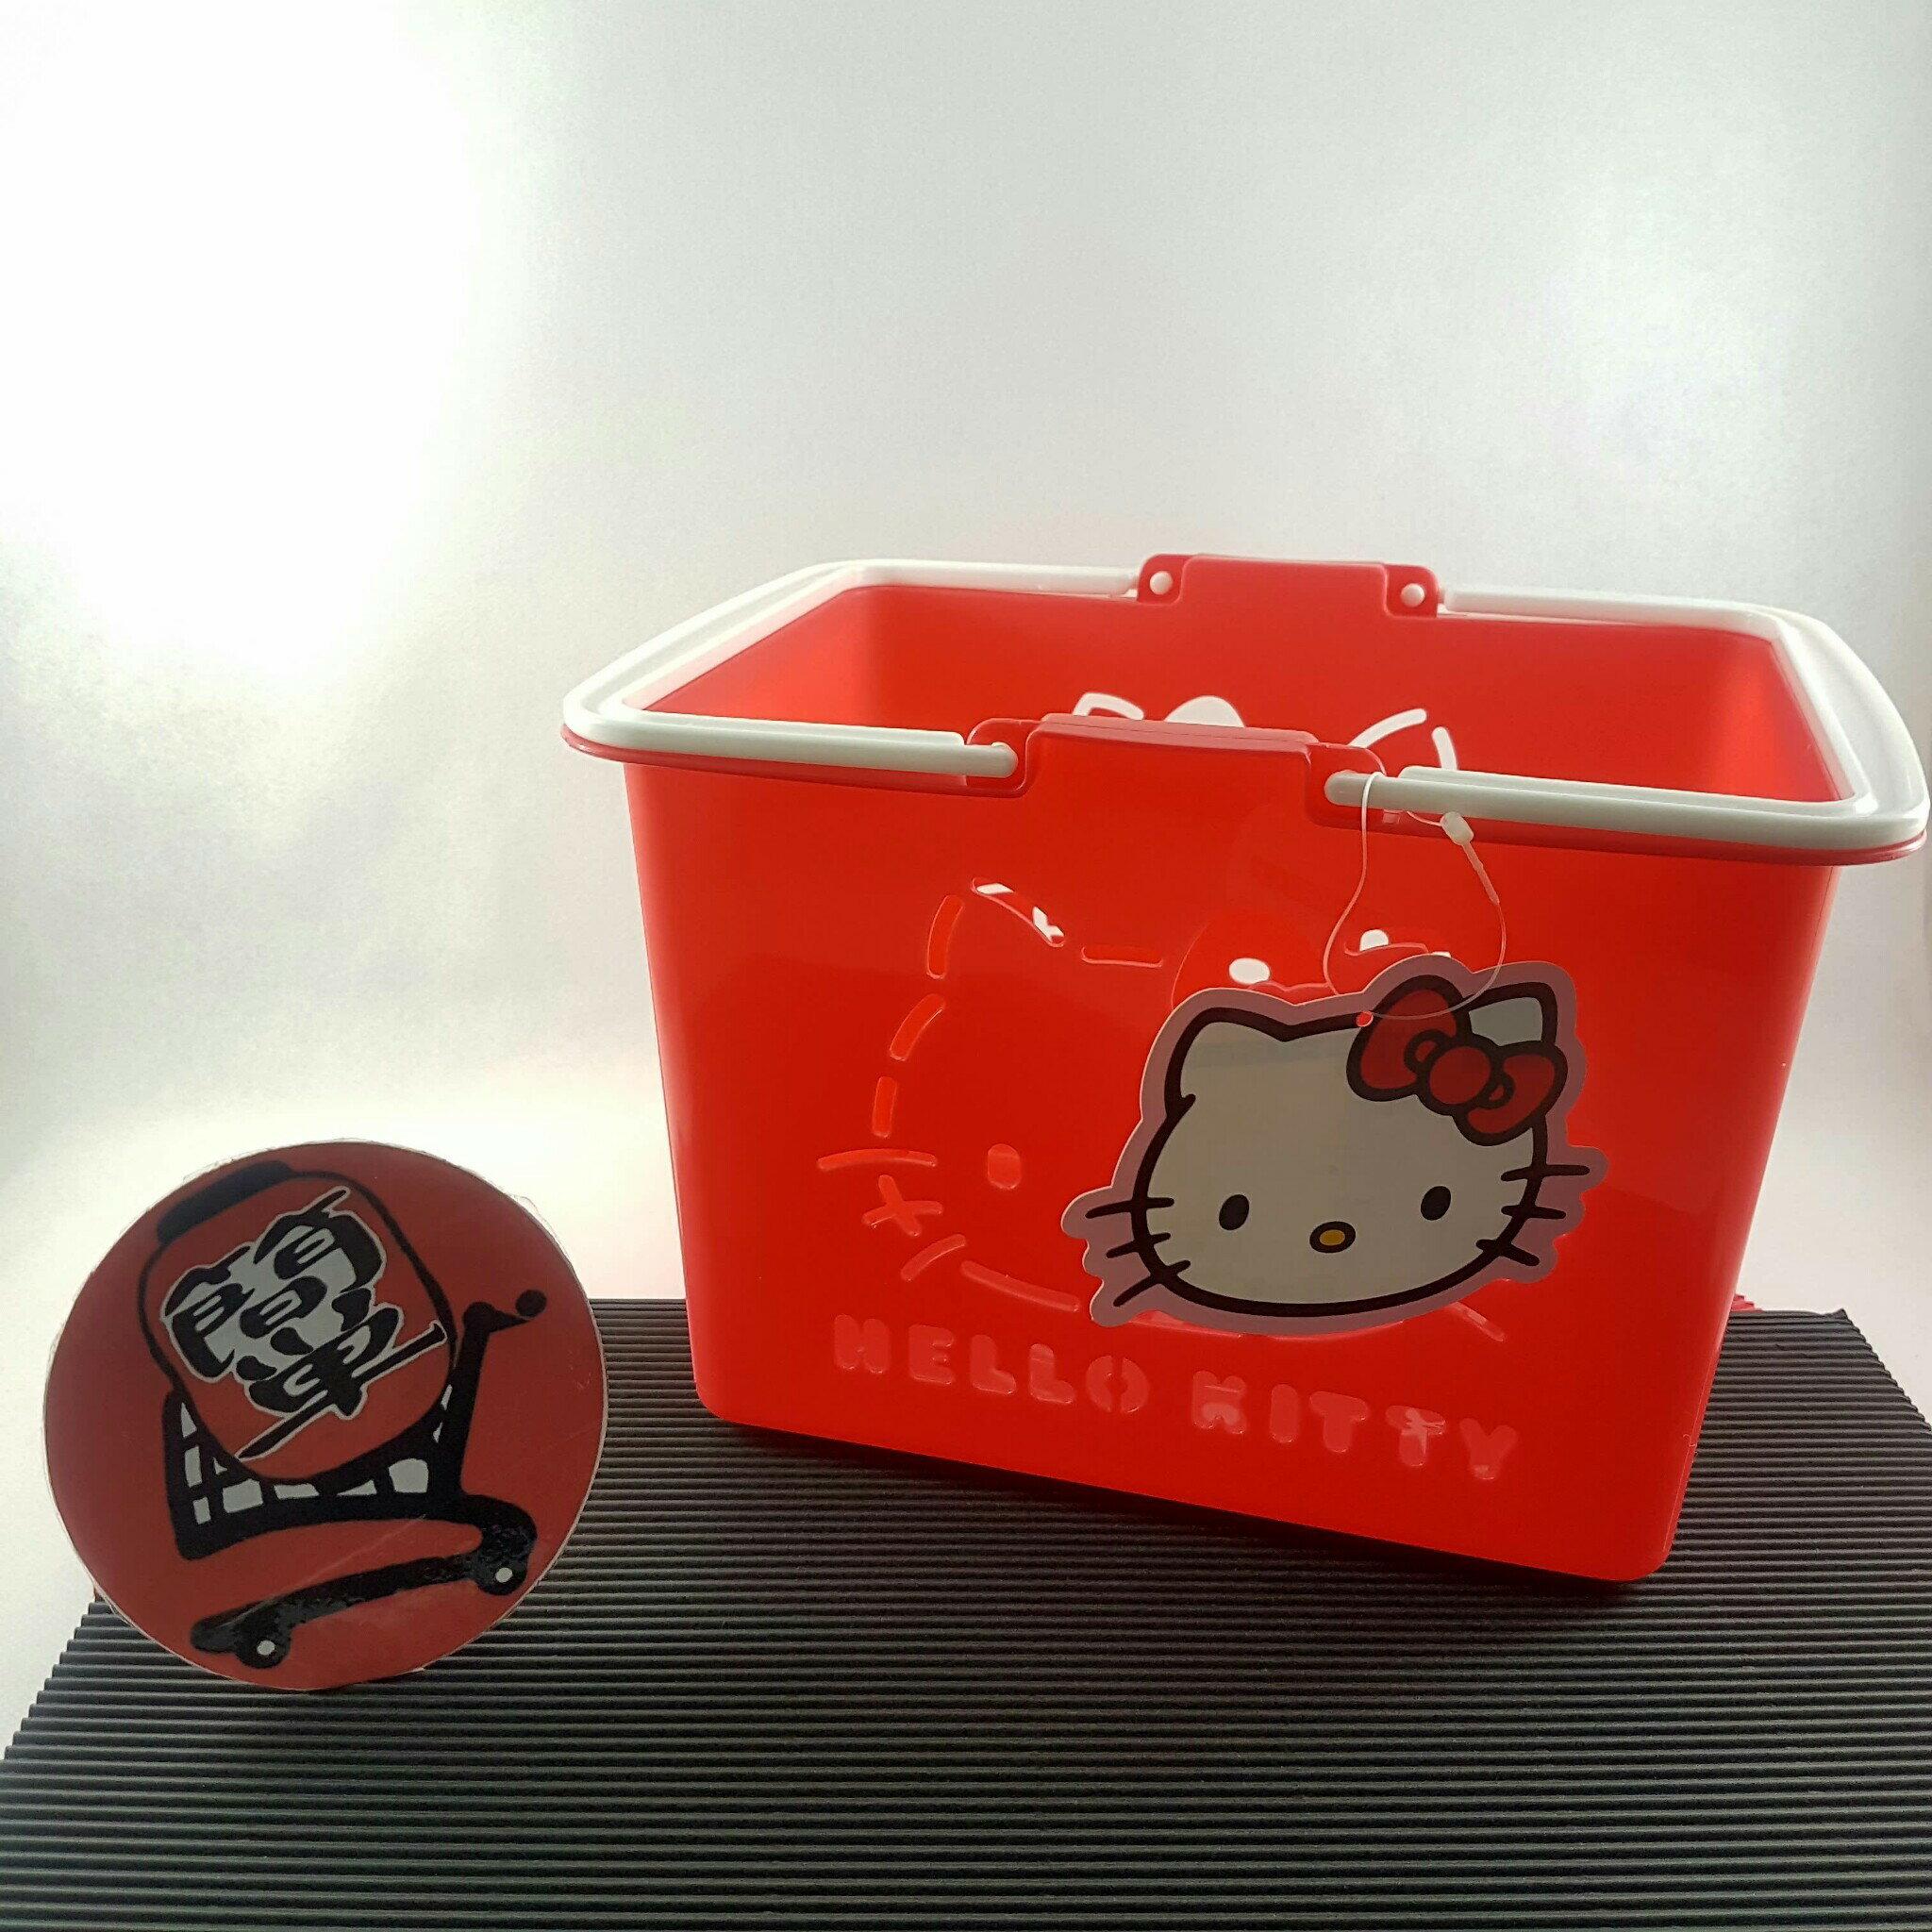 『簡?全球購』三麗鷗 HELLO KITTY紅色小朋友玩具提籃 迷你菜籃 日本製